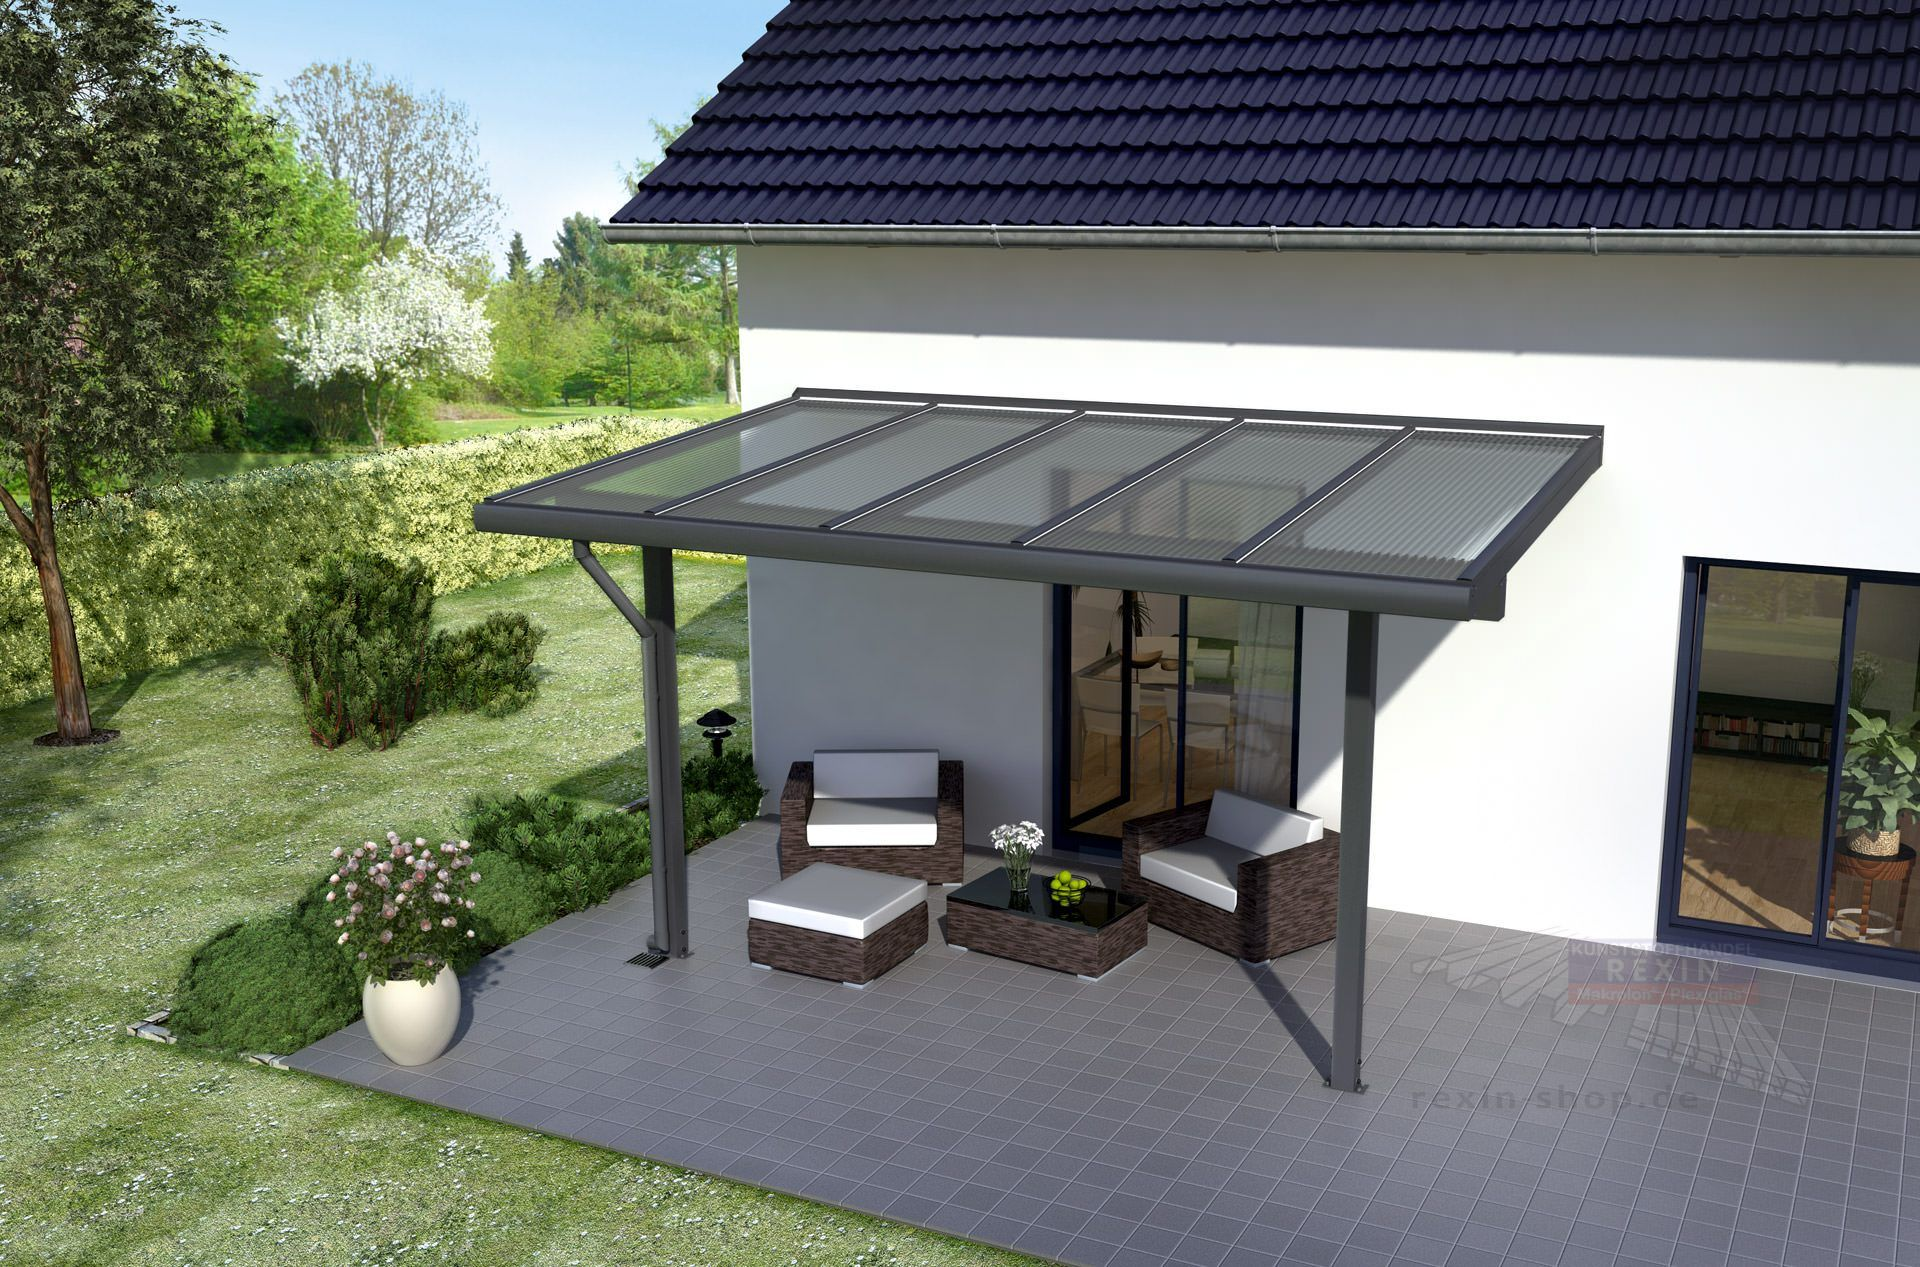 REXOclassic Alu Terrassenüberdachung 7m x 3m, VSGGlas